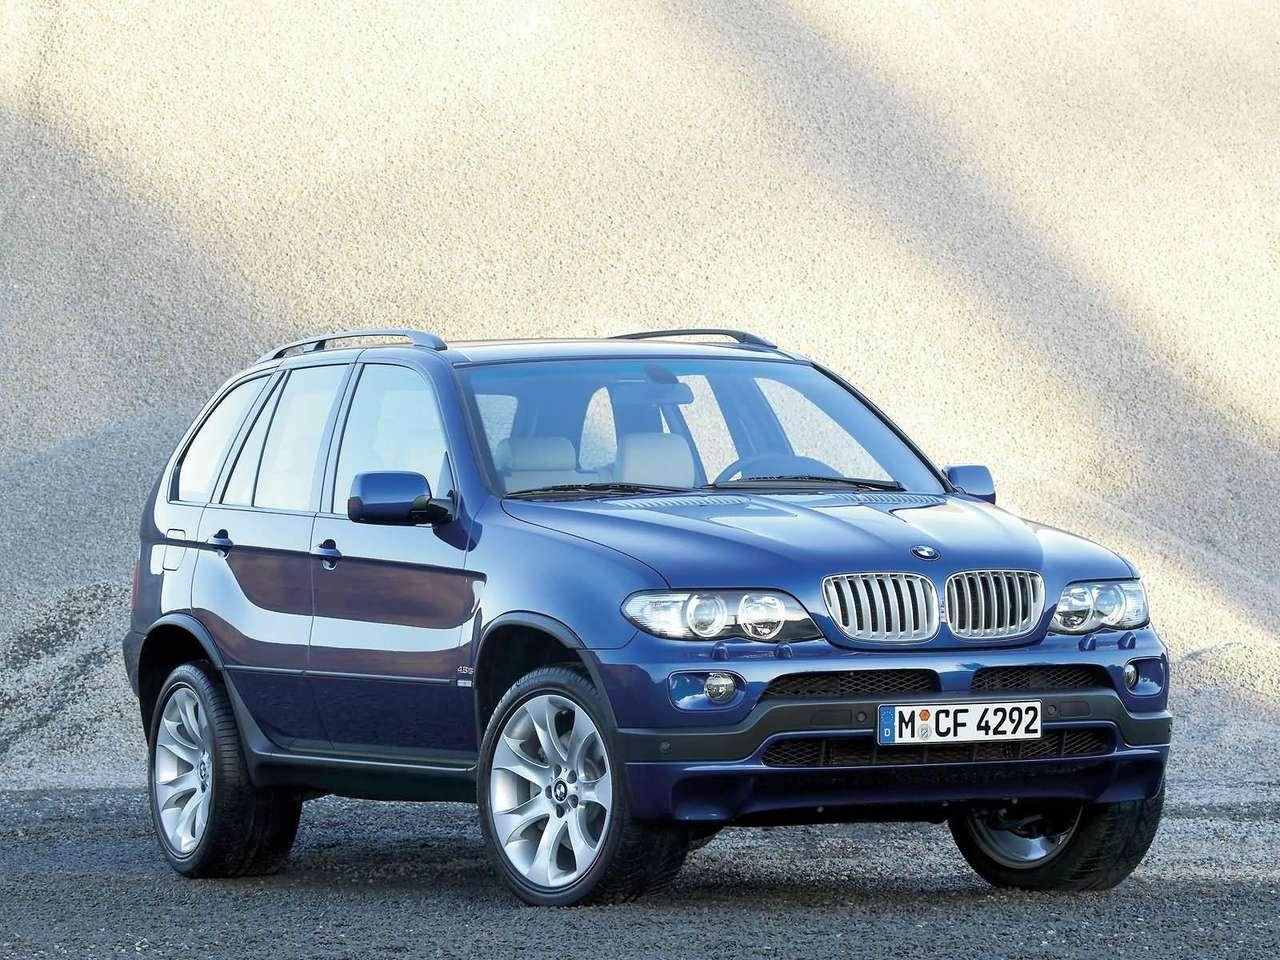 http://4.bp.blogspot.com/_vPMjJG-enrk/TAqQq1WUx7I/AAAAAAAACs8/tCdDj8bMBCs/s1600/BMW-X5_4.8is_2004_1280x960_wallpaper_01.jpg